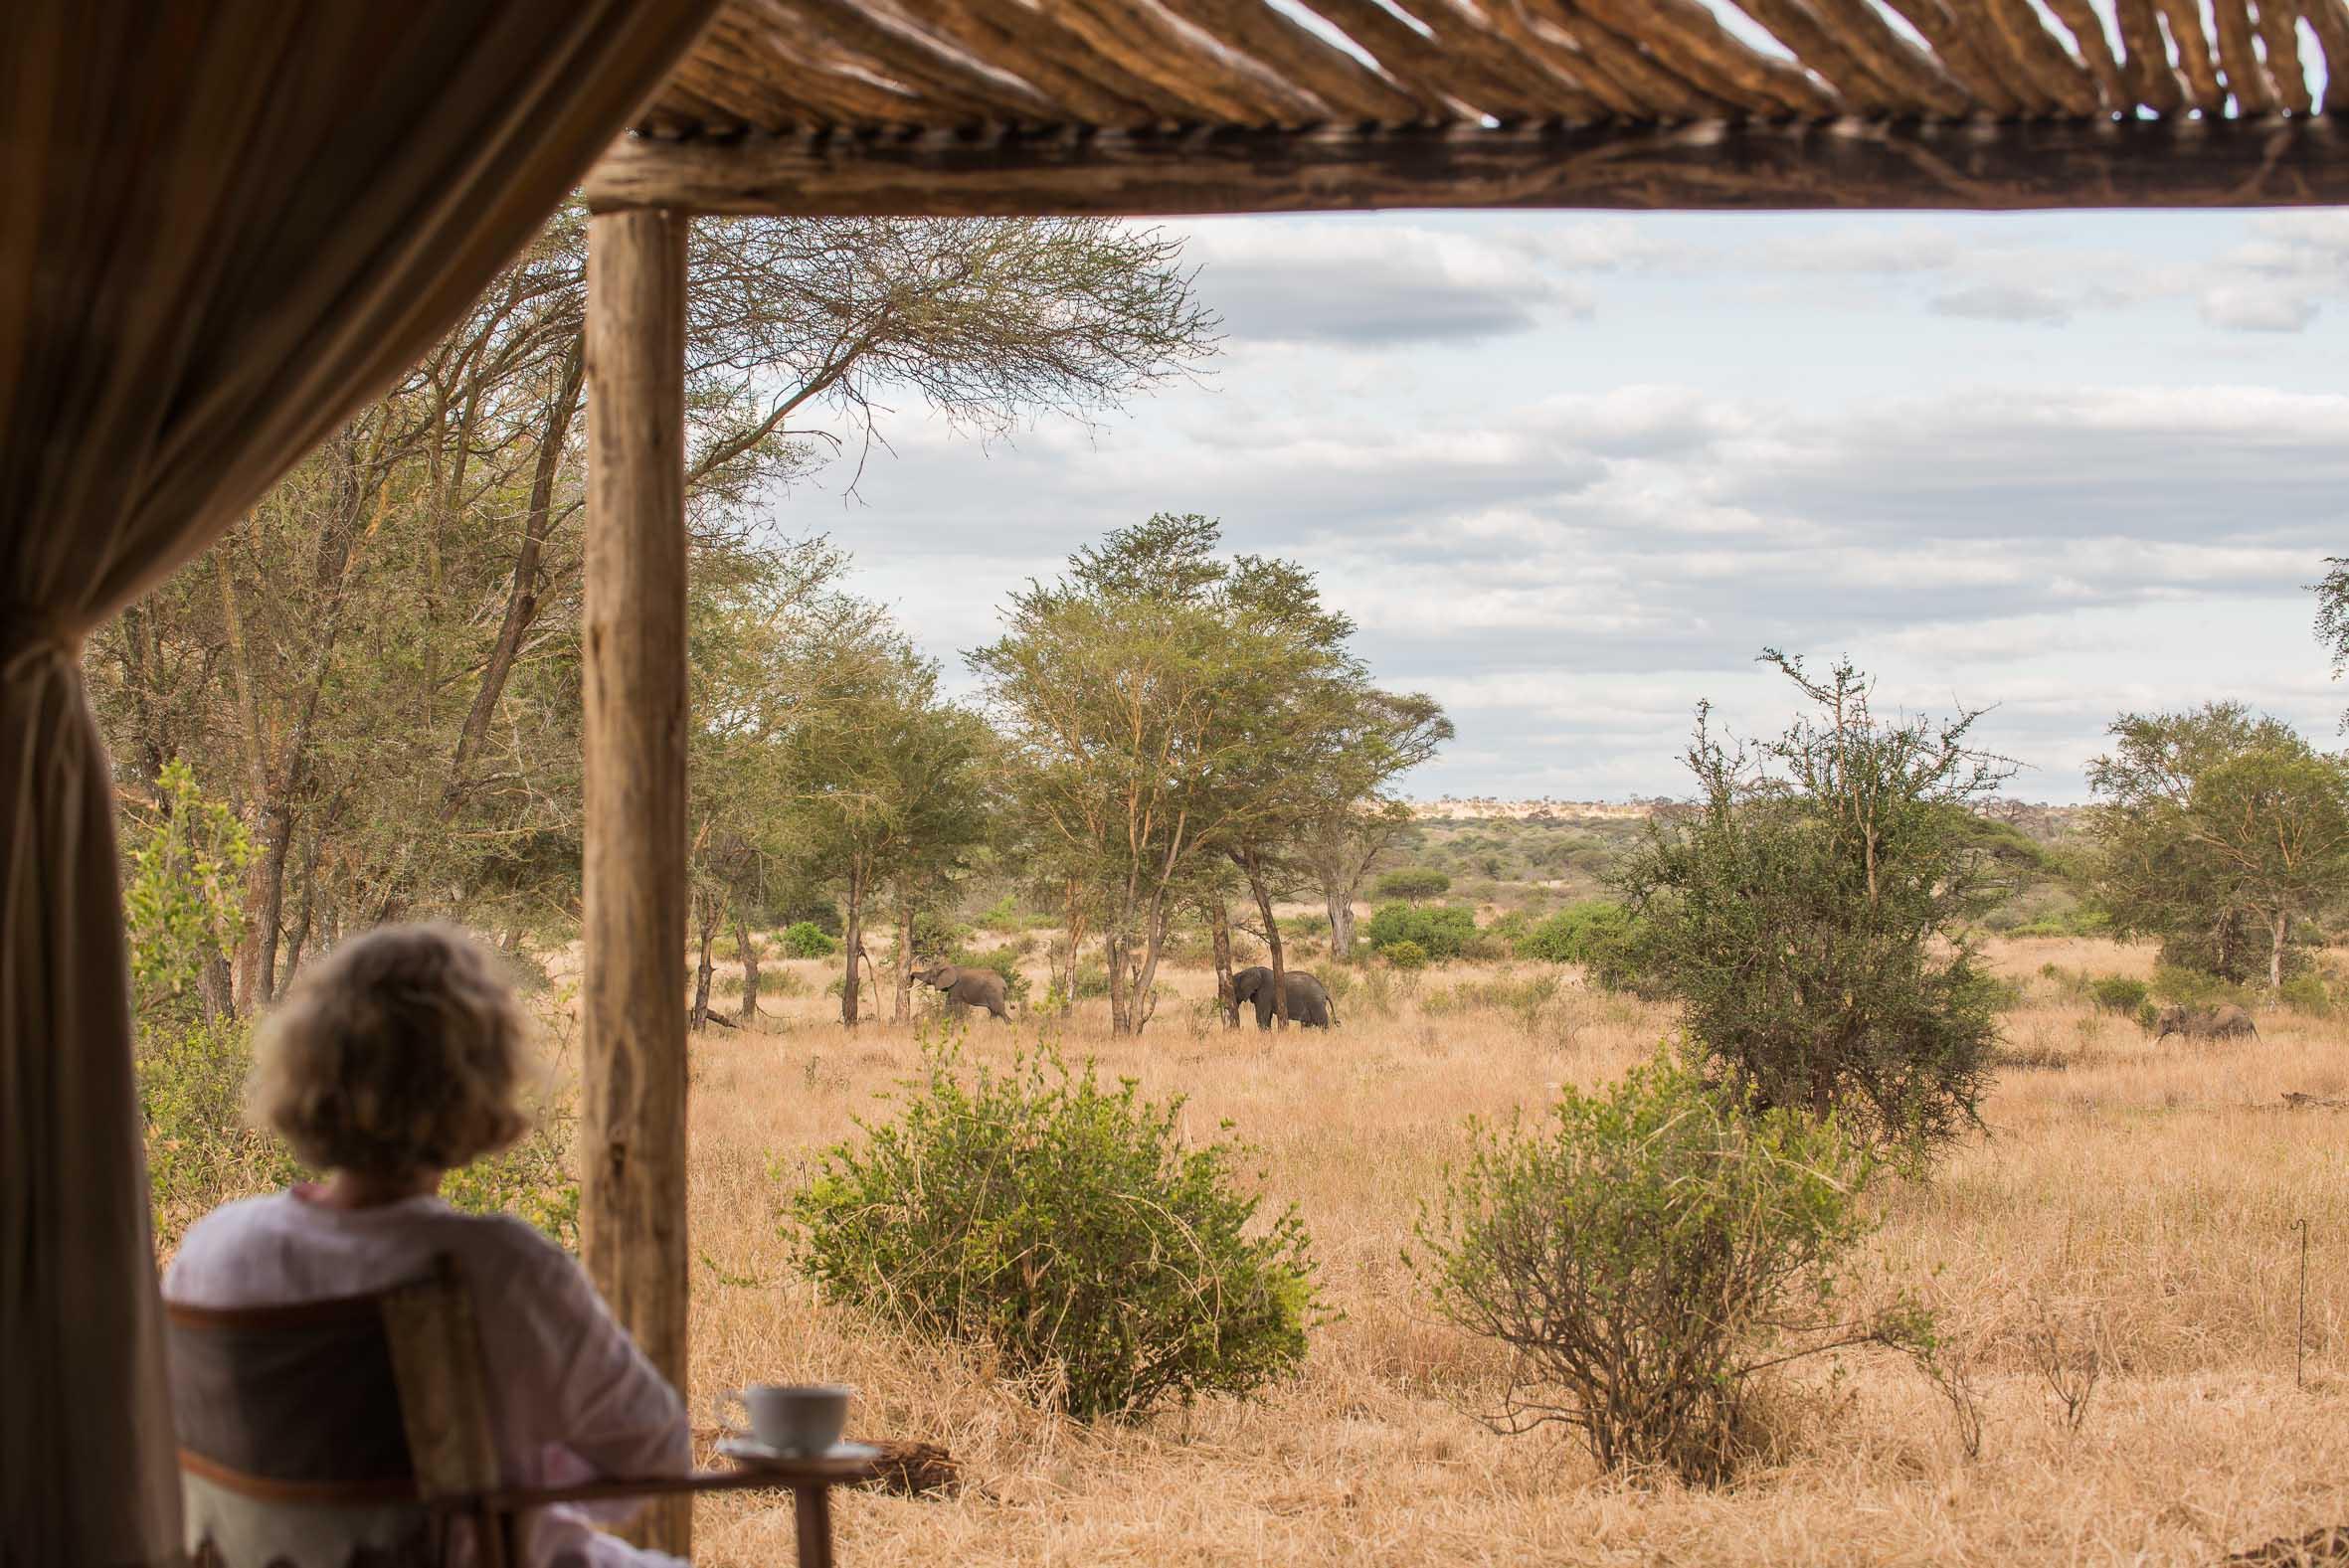 Kuro Tarangire Tanzania Wildlife Watching